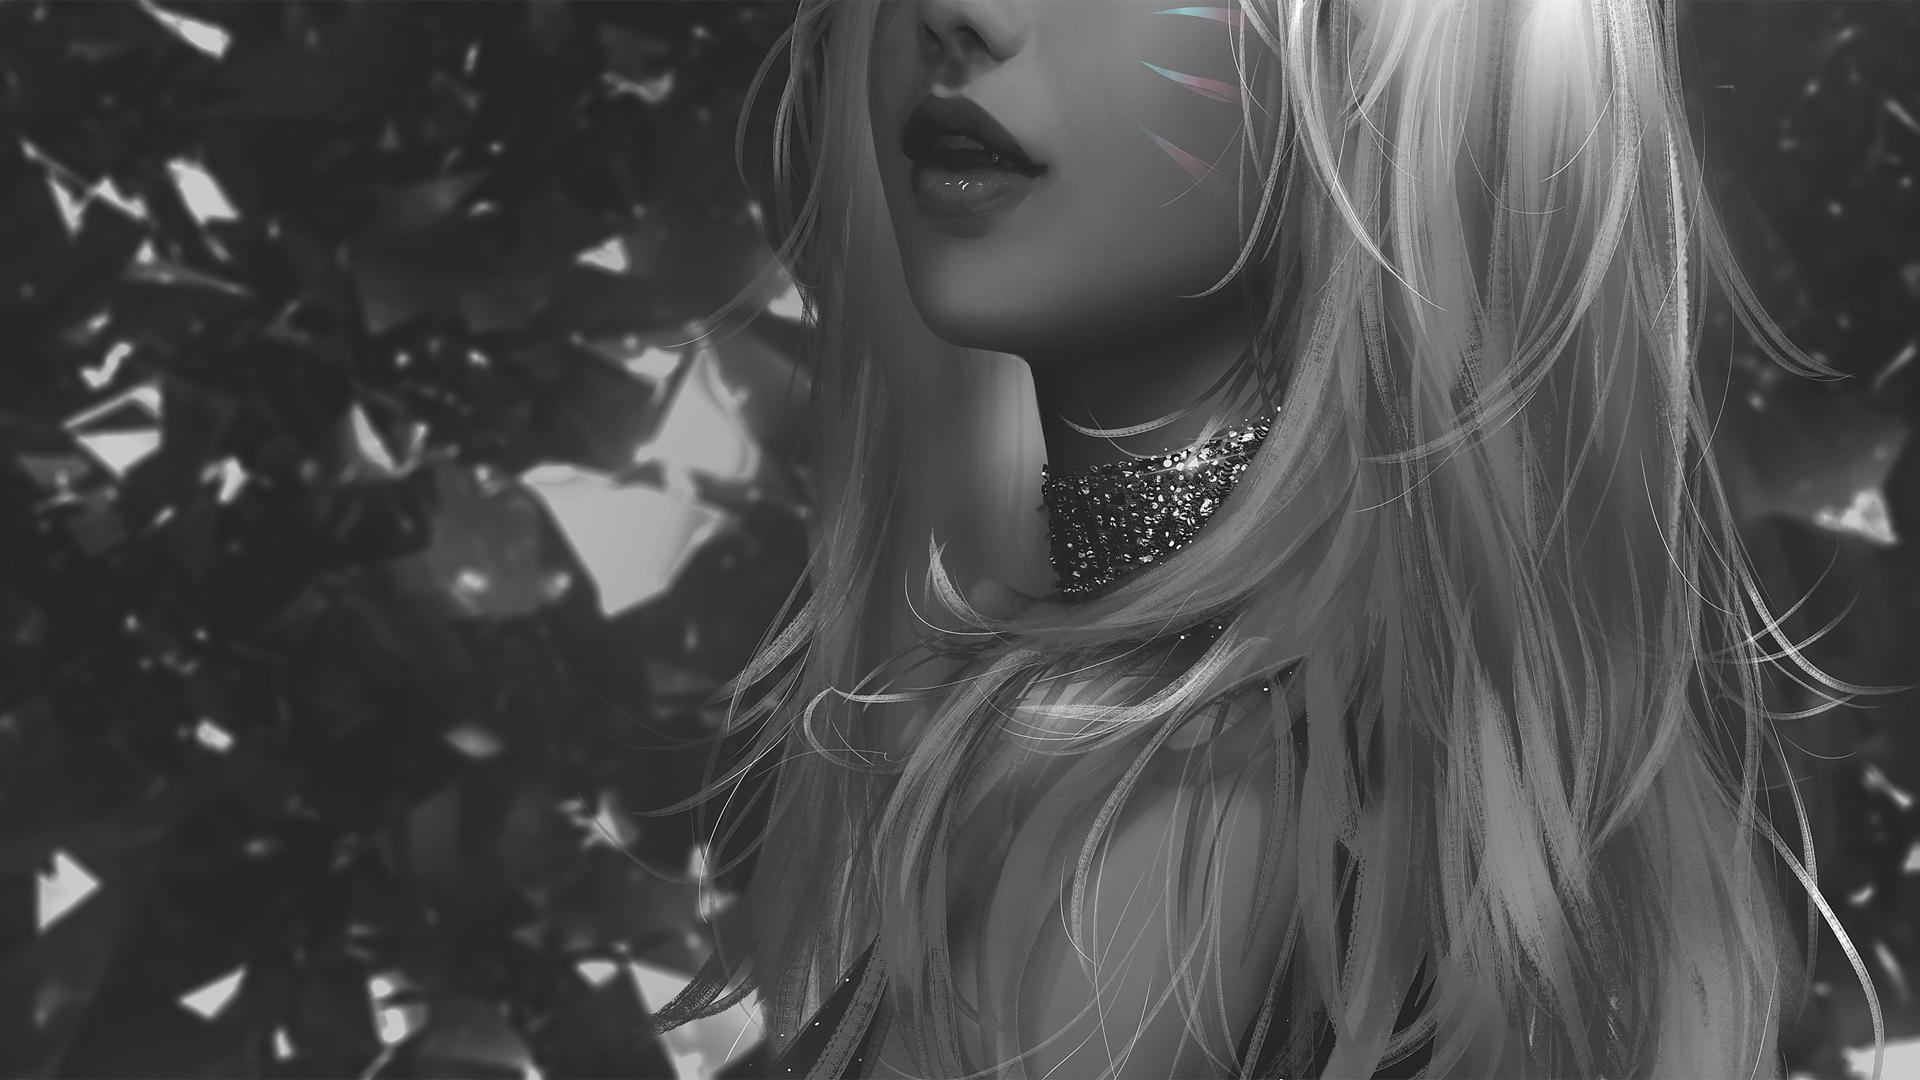 长发女孩 黑白人物厚涂画风动漫壁纸(1920×1080)